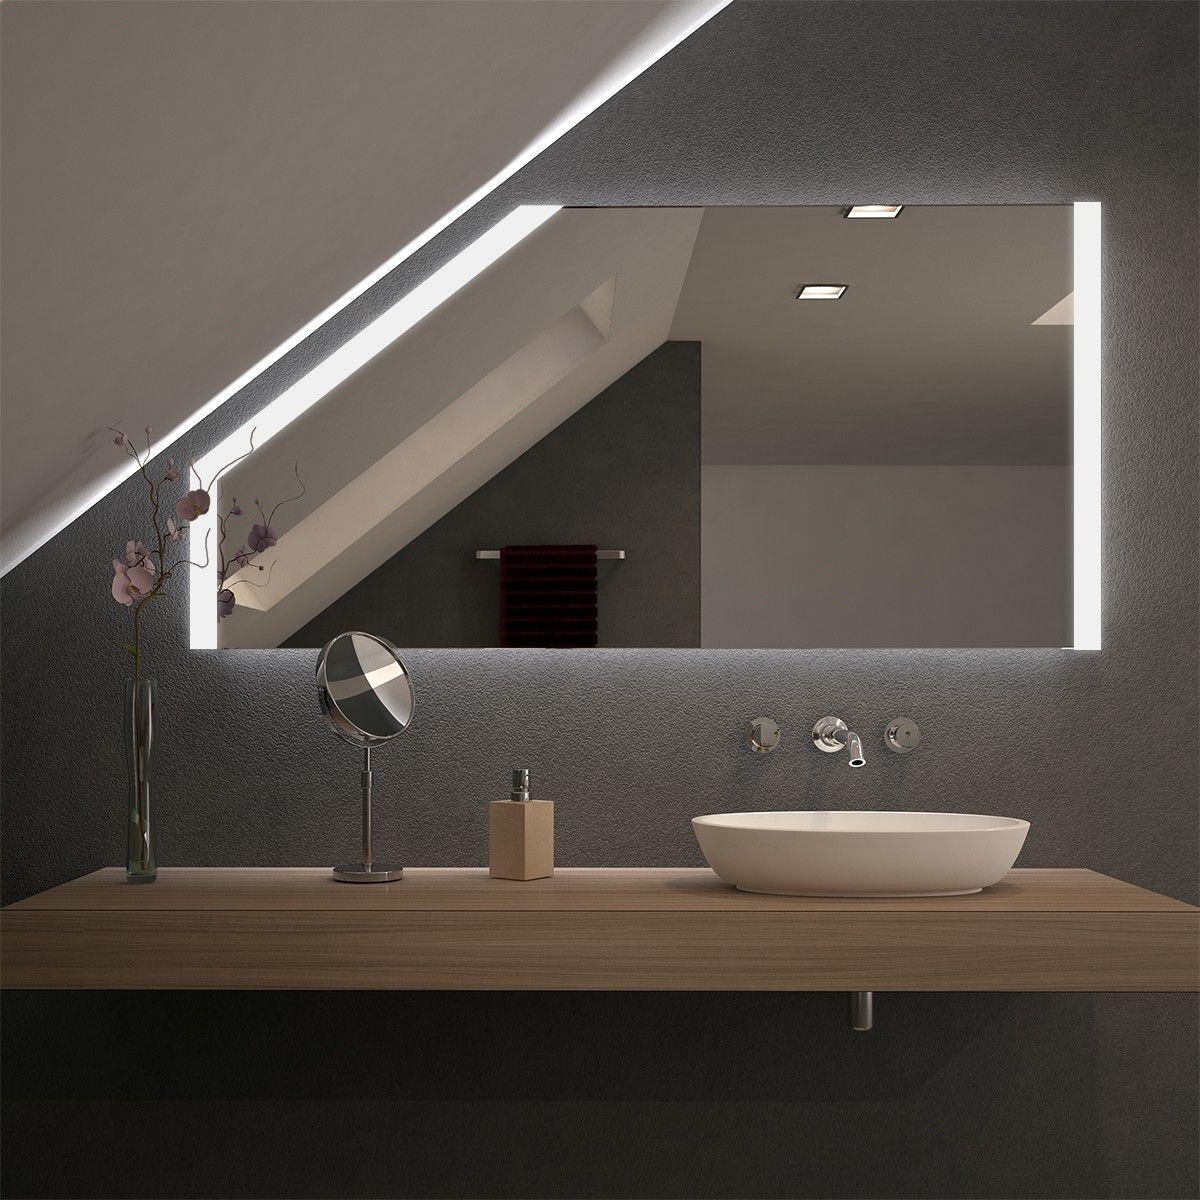 Spiegel Fur Dachschragen Mit Led Beleuchtung Singu Badezimmer Dachschrage Led Beleuchtung Beleuchtung Dachschrage